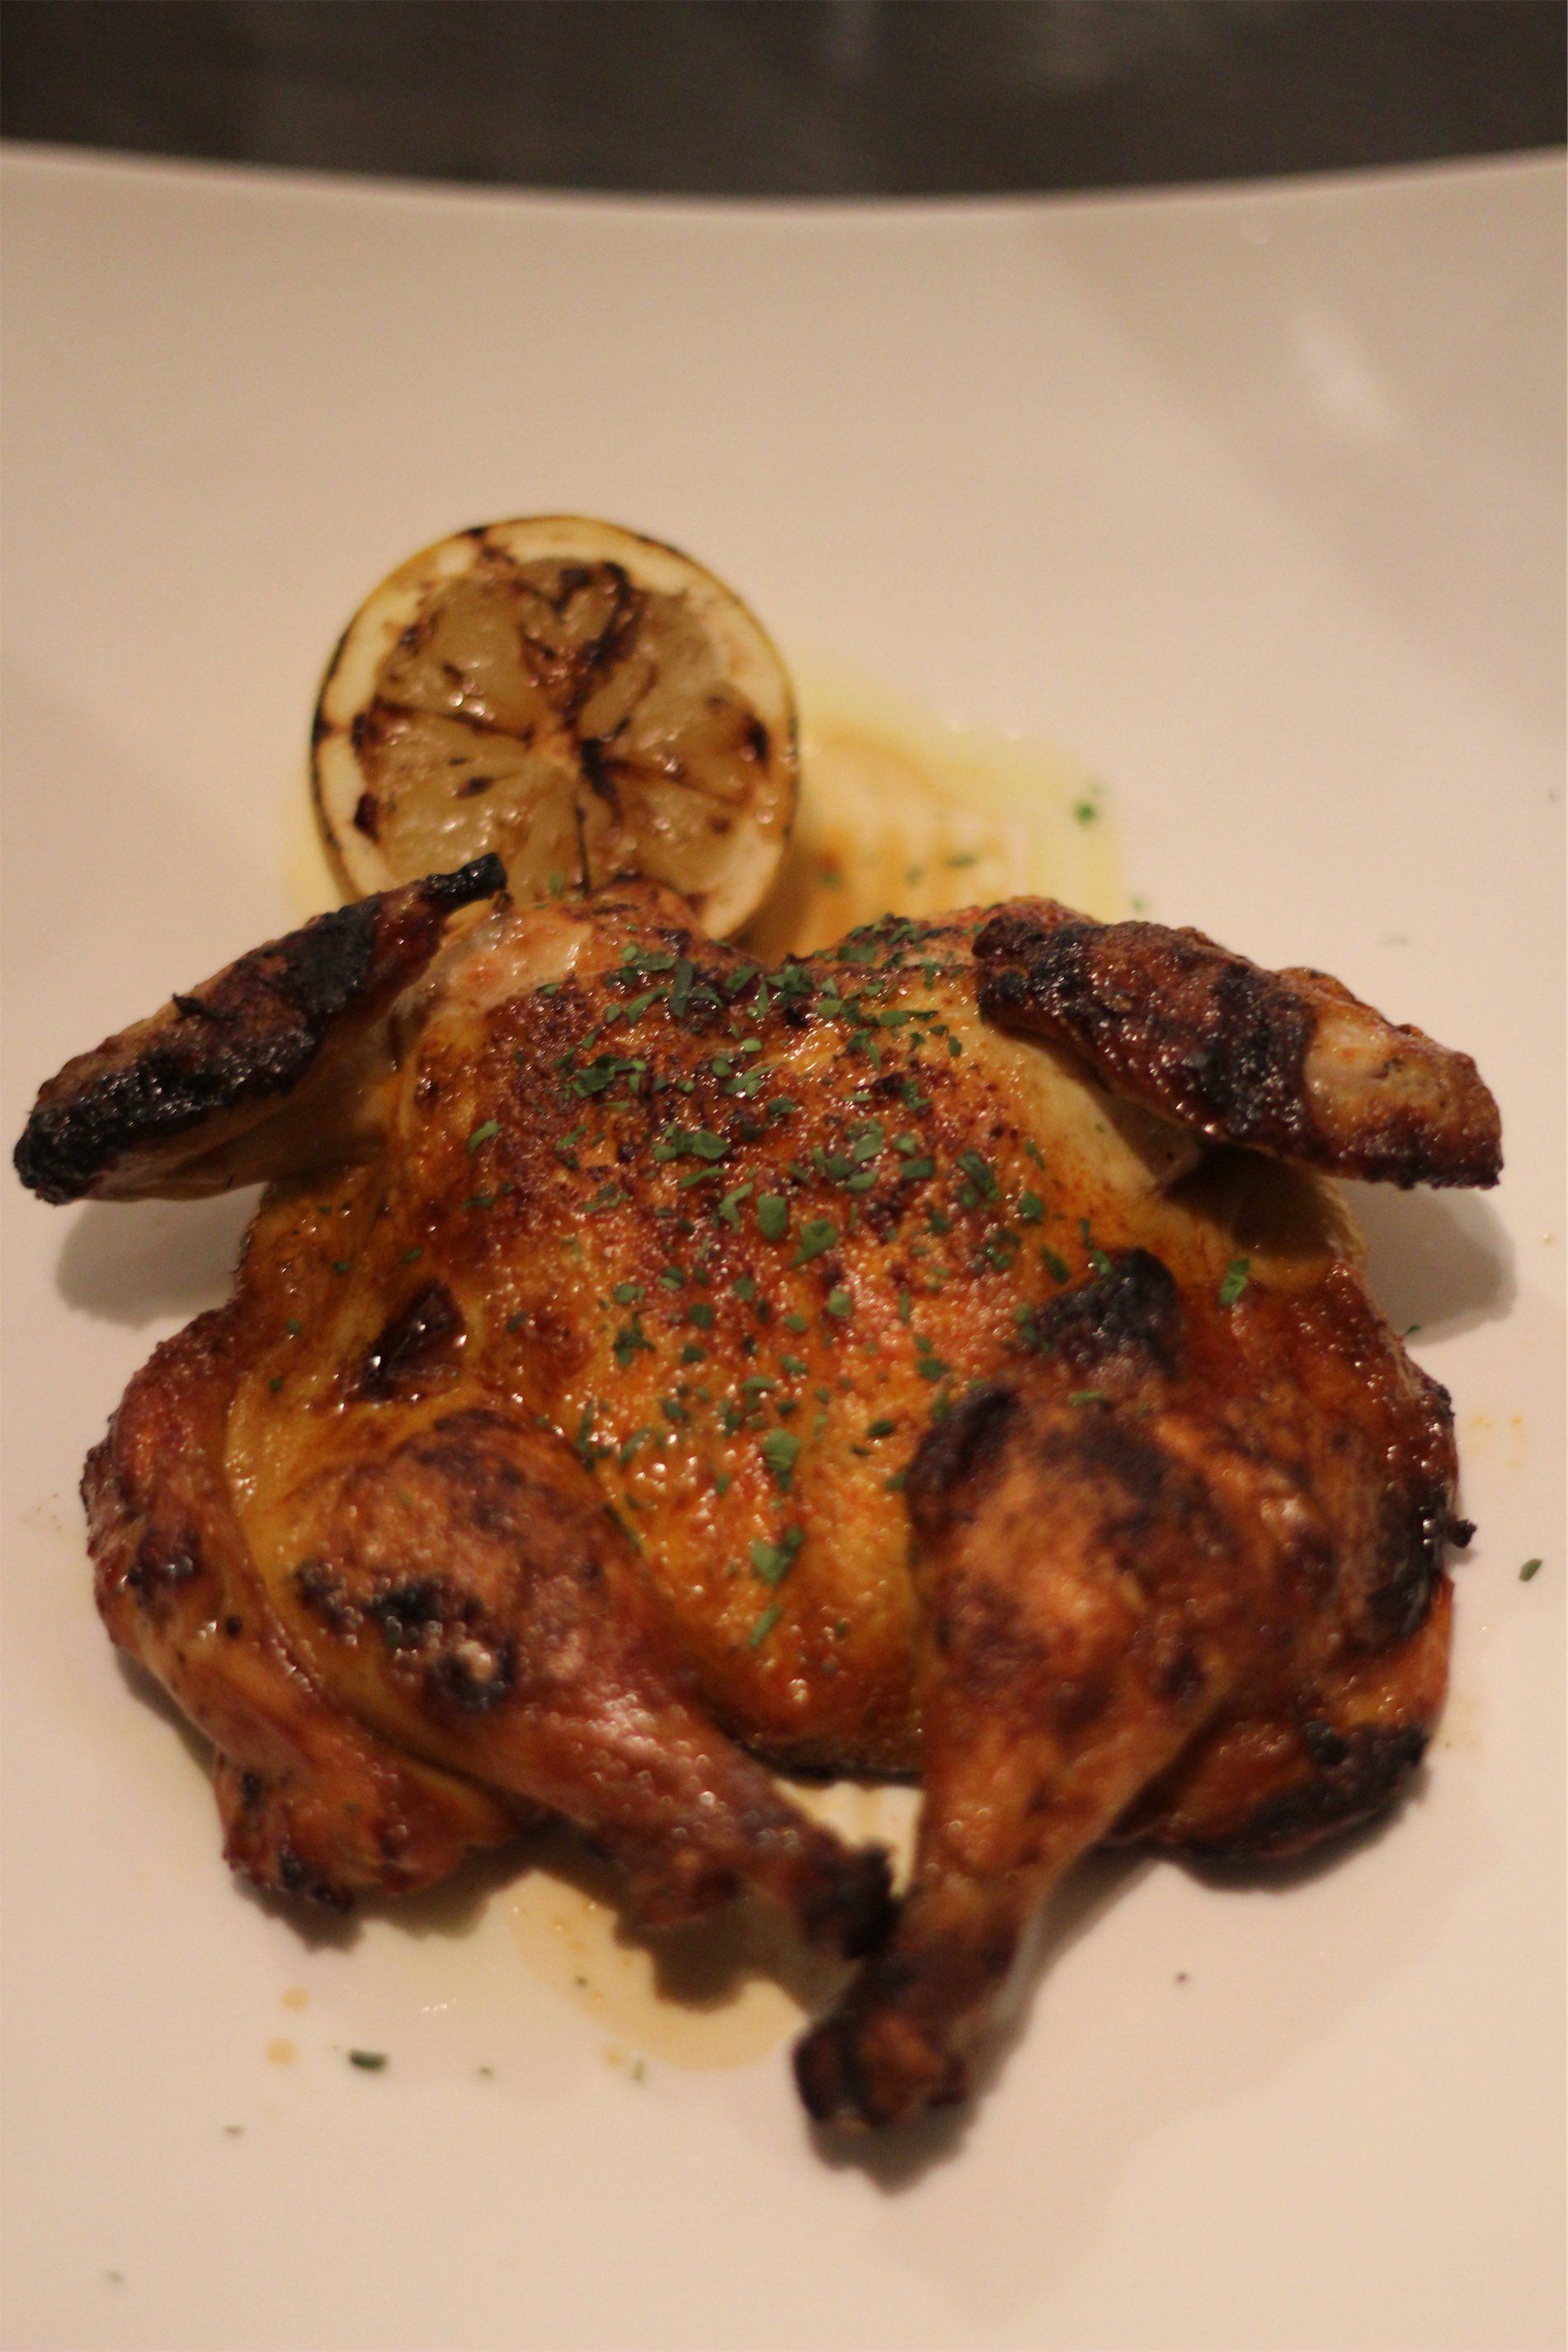 Chicken at IVY